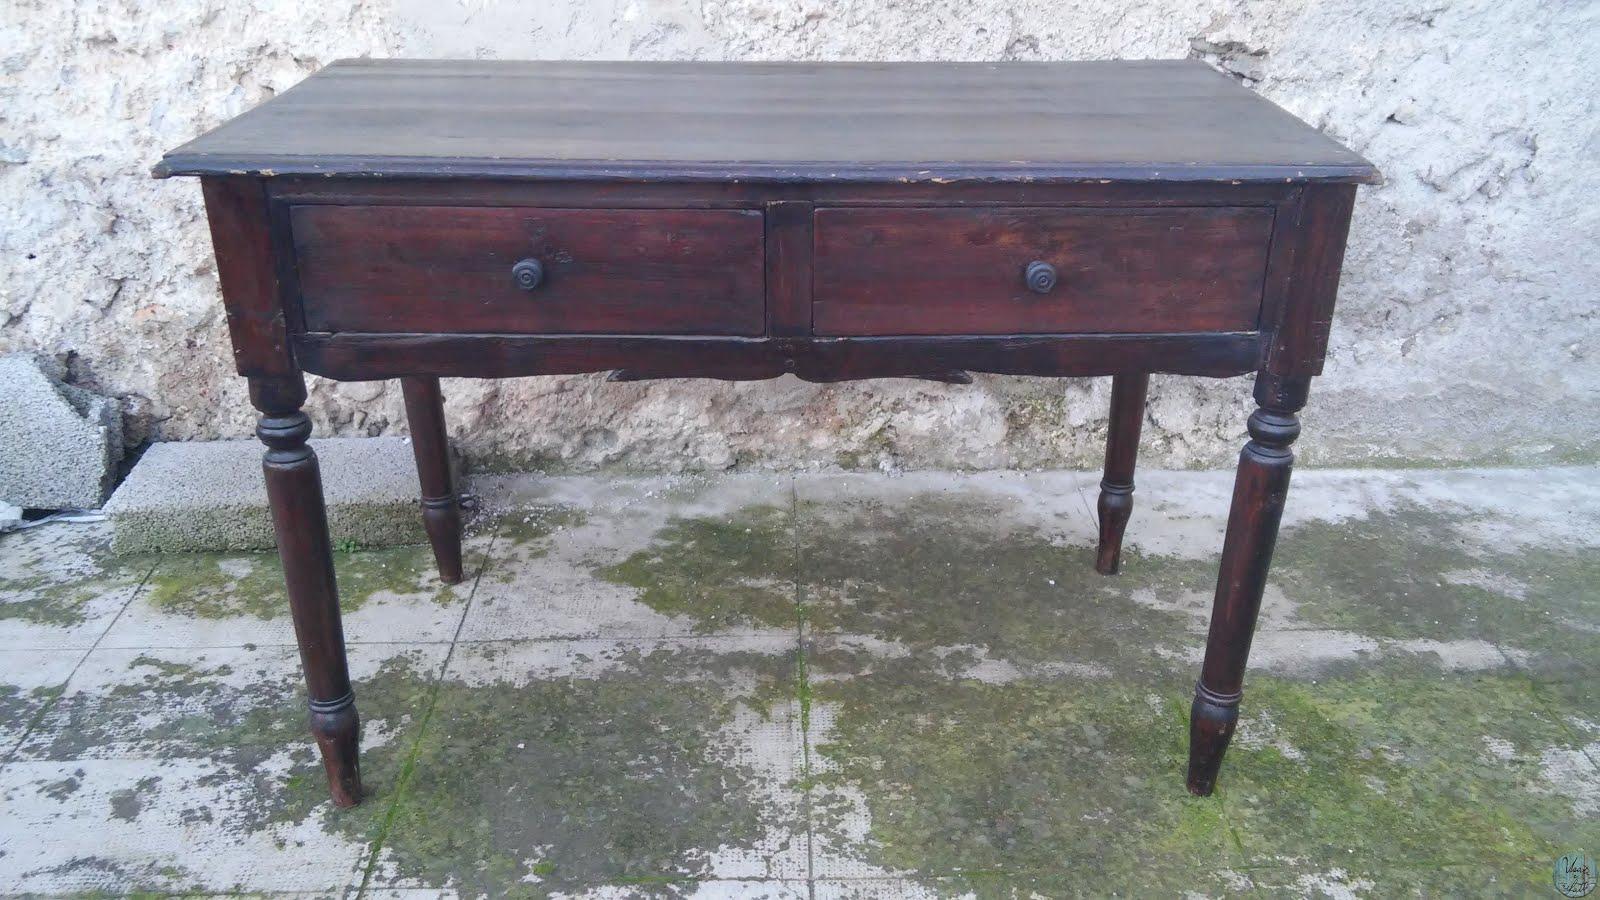 Restaurare Tavolo Legno Rovinato da vecchia scrivania a nuovo tavolo vintage | usati e rifatti